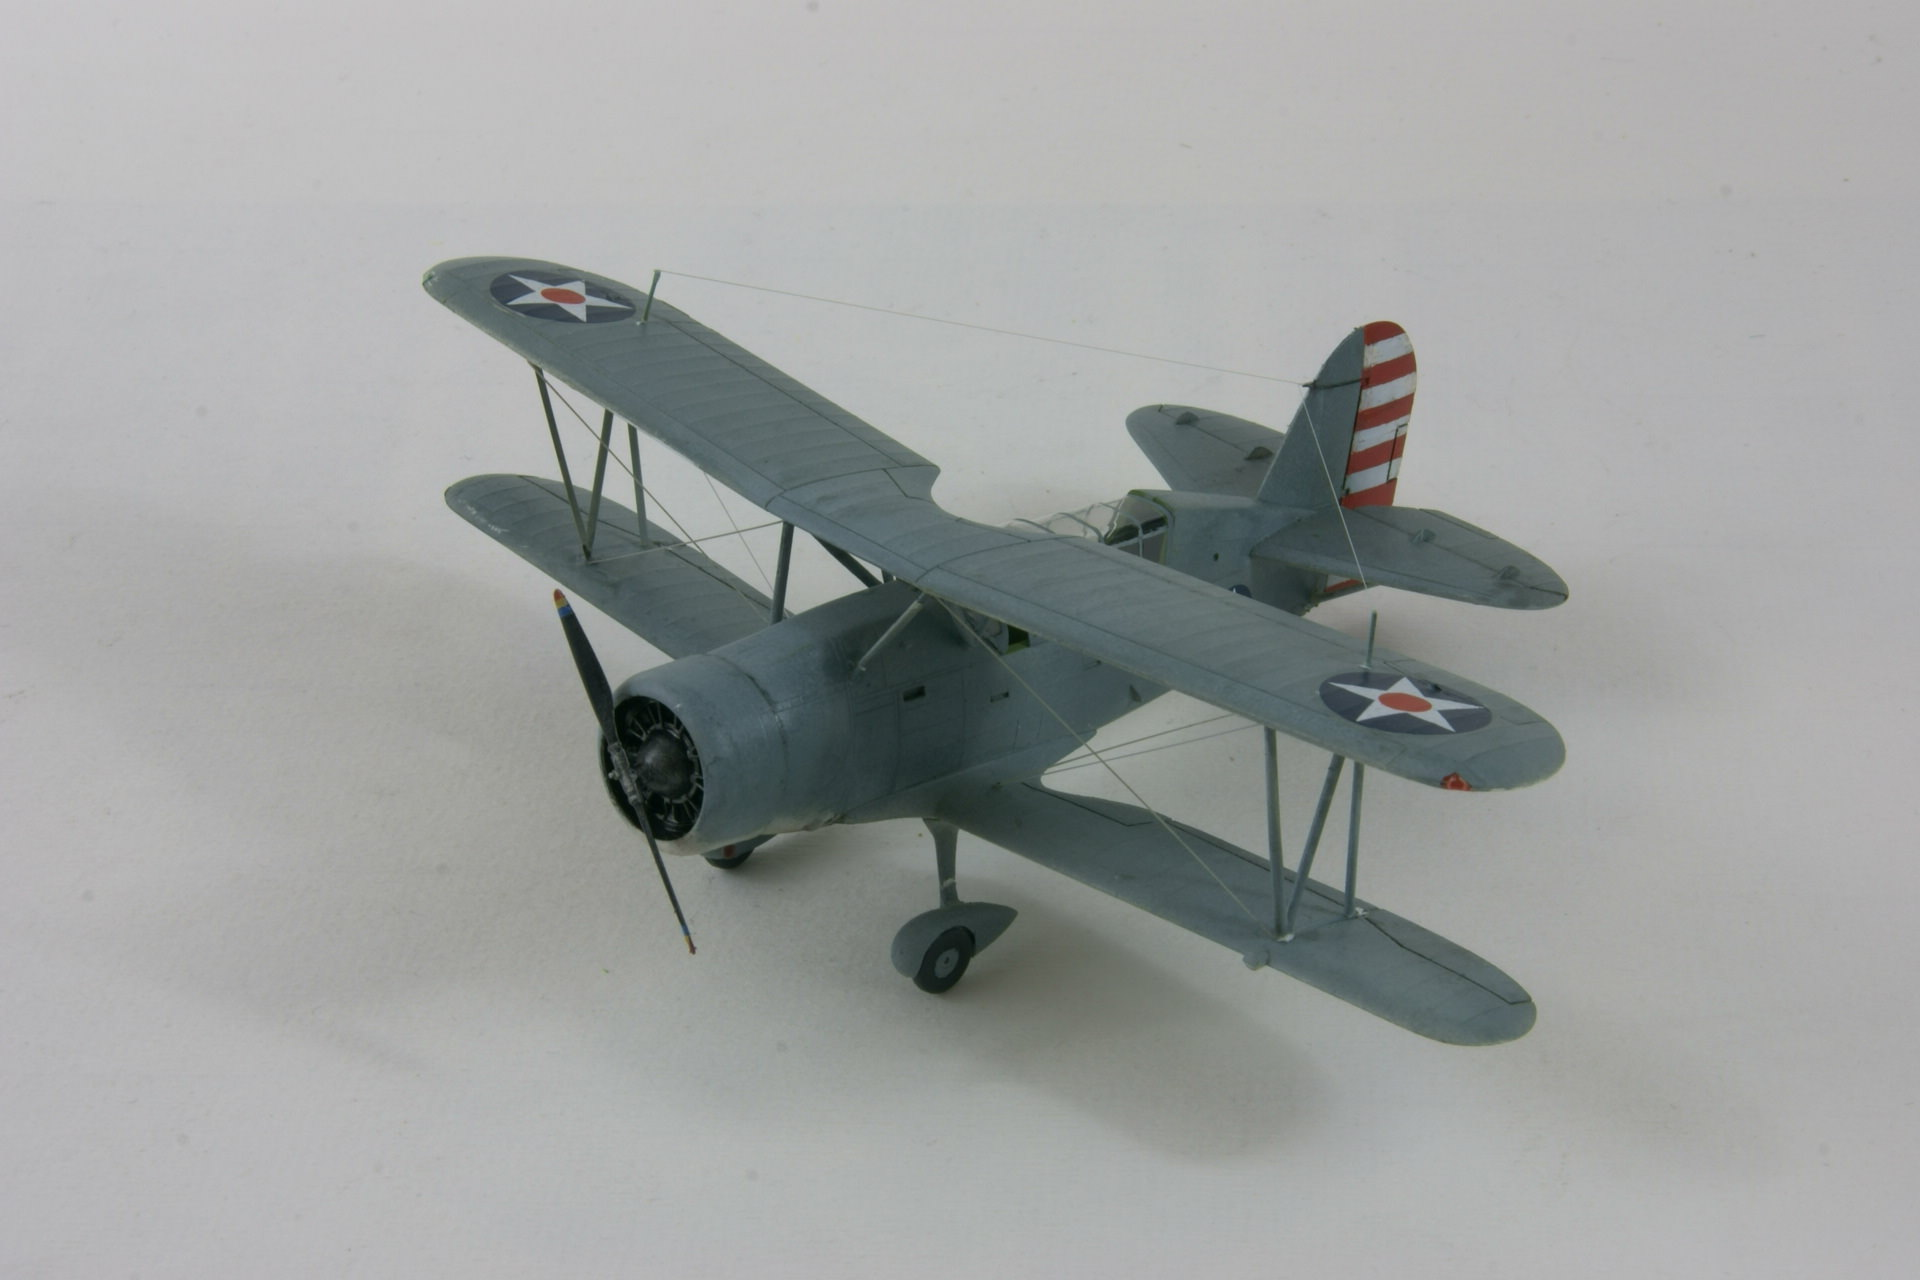 Curtiss soc 3a seagull 1